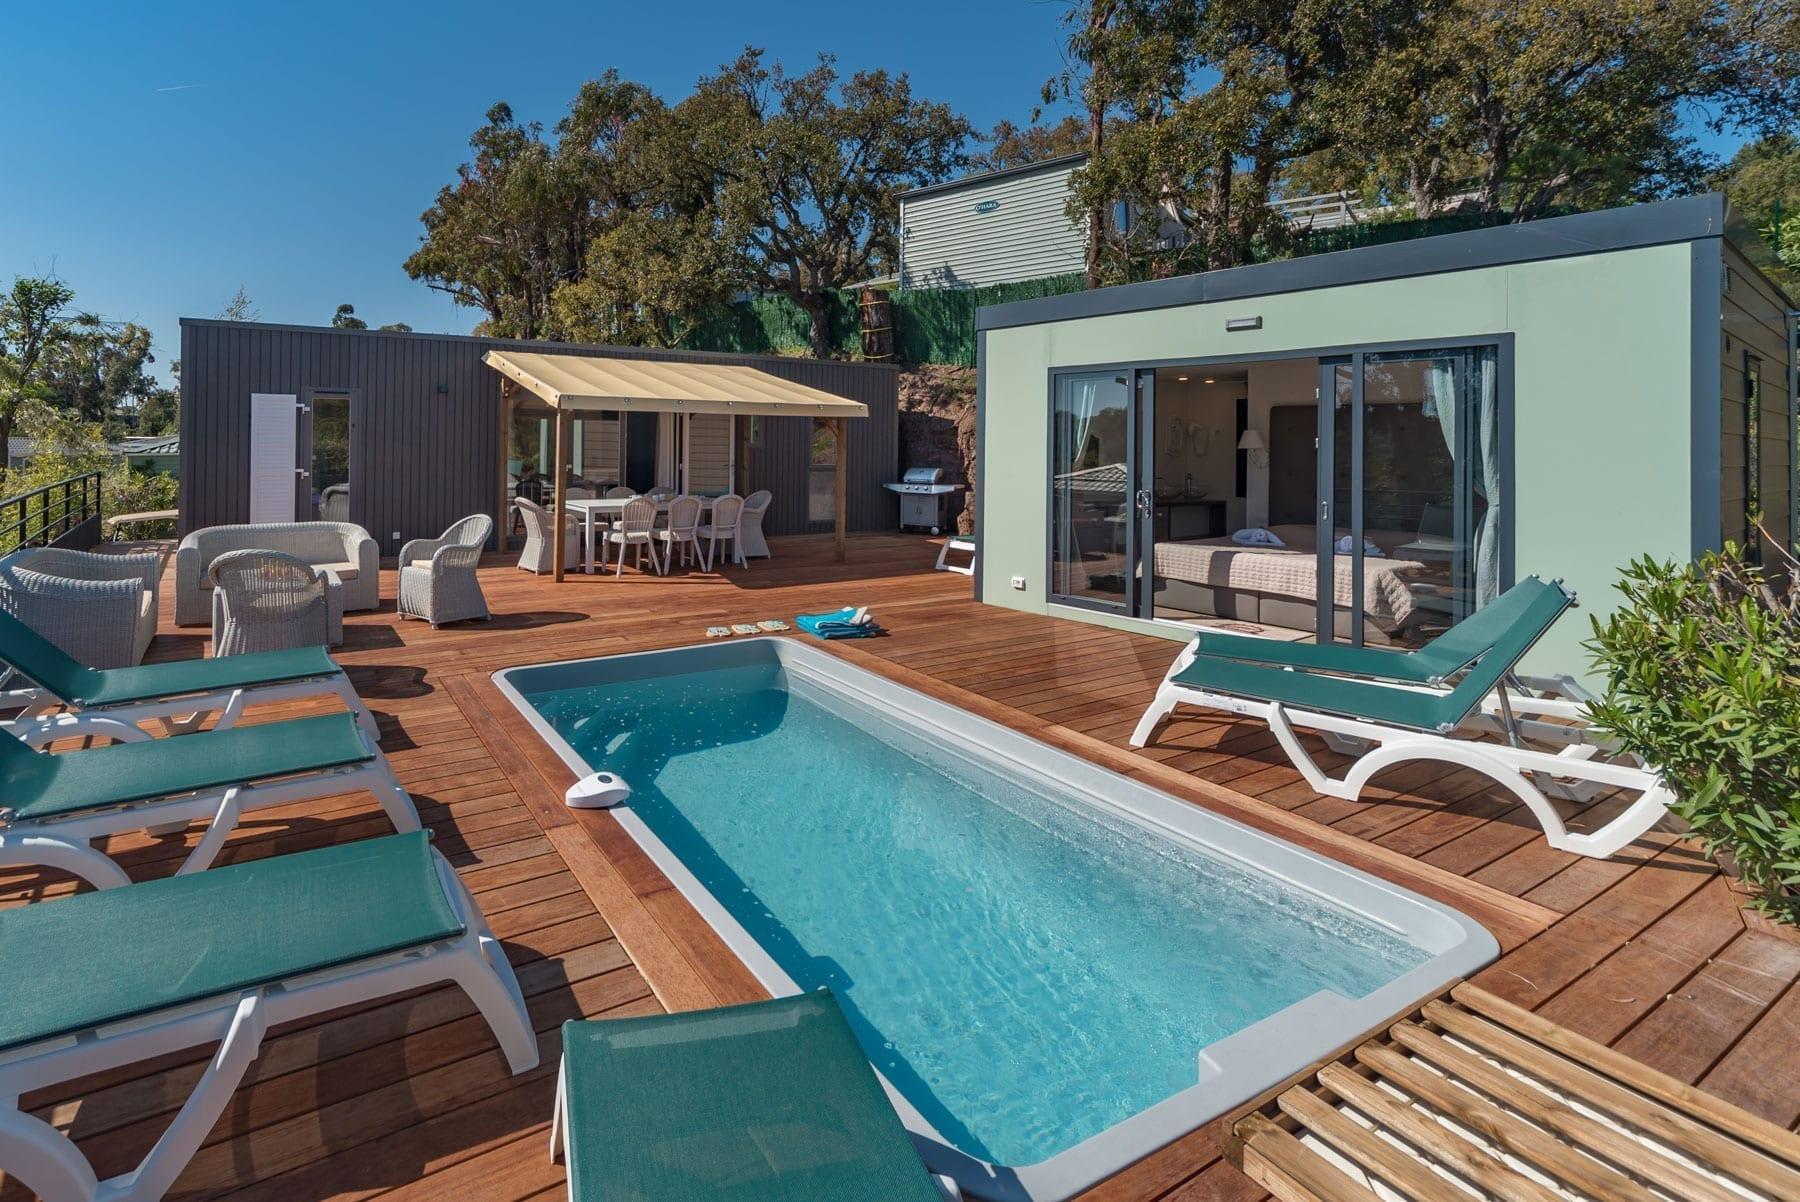 Location Mobil Home Luxe Avec Piscine Privative Var | 7 À 8 ... encequiconcerne Camping Car De Luxe Avec Piscine